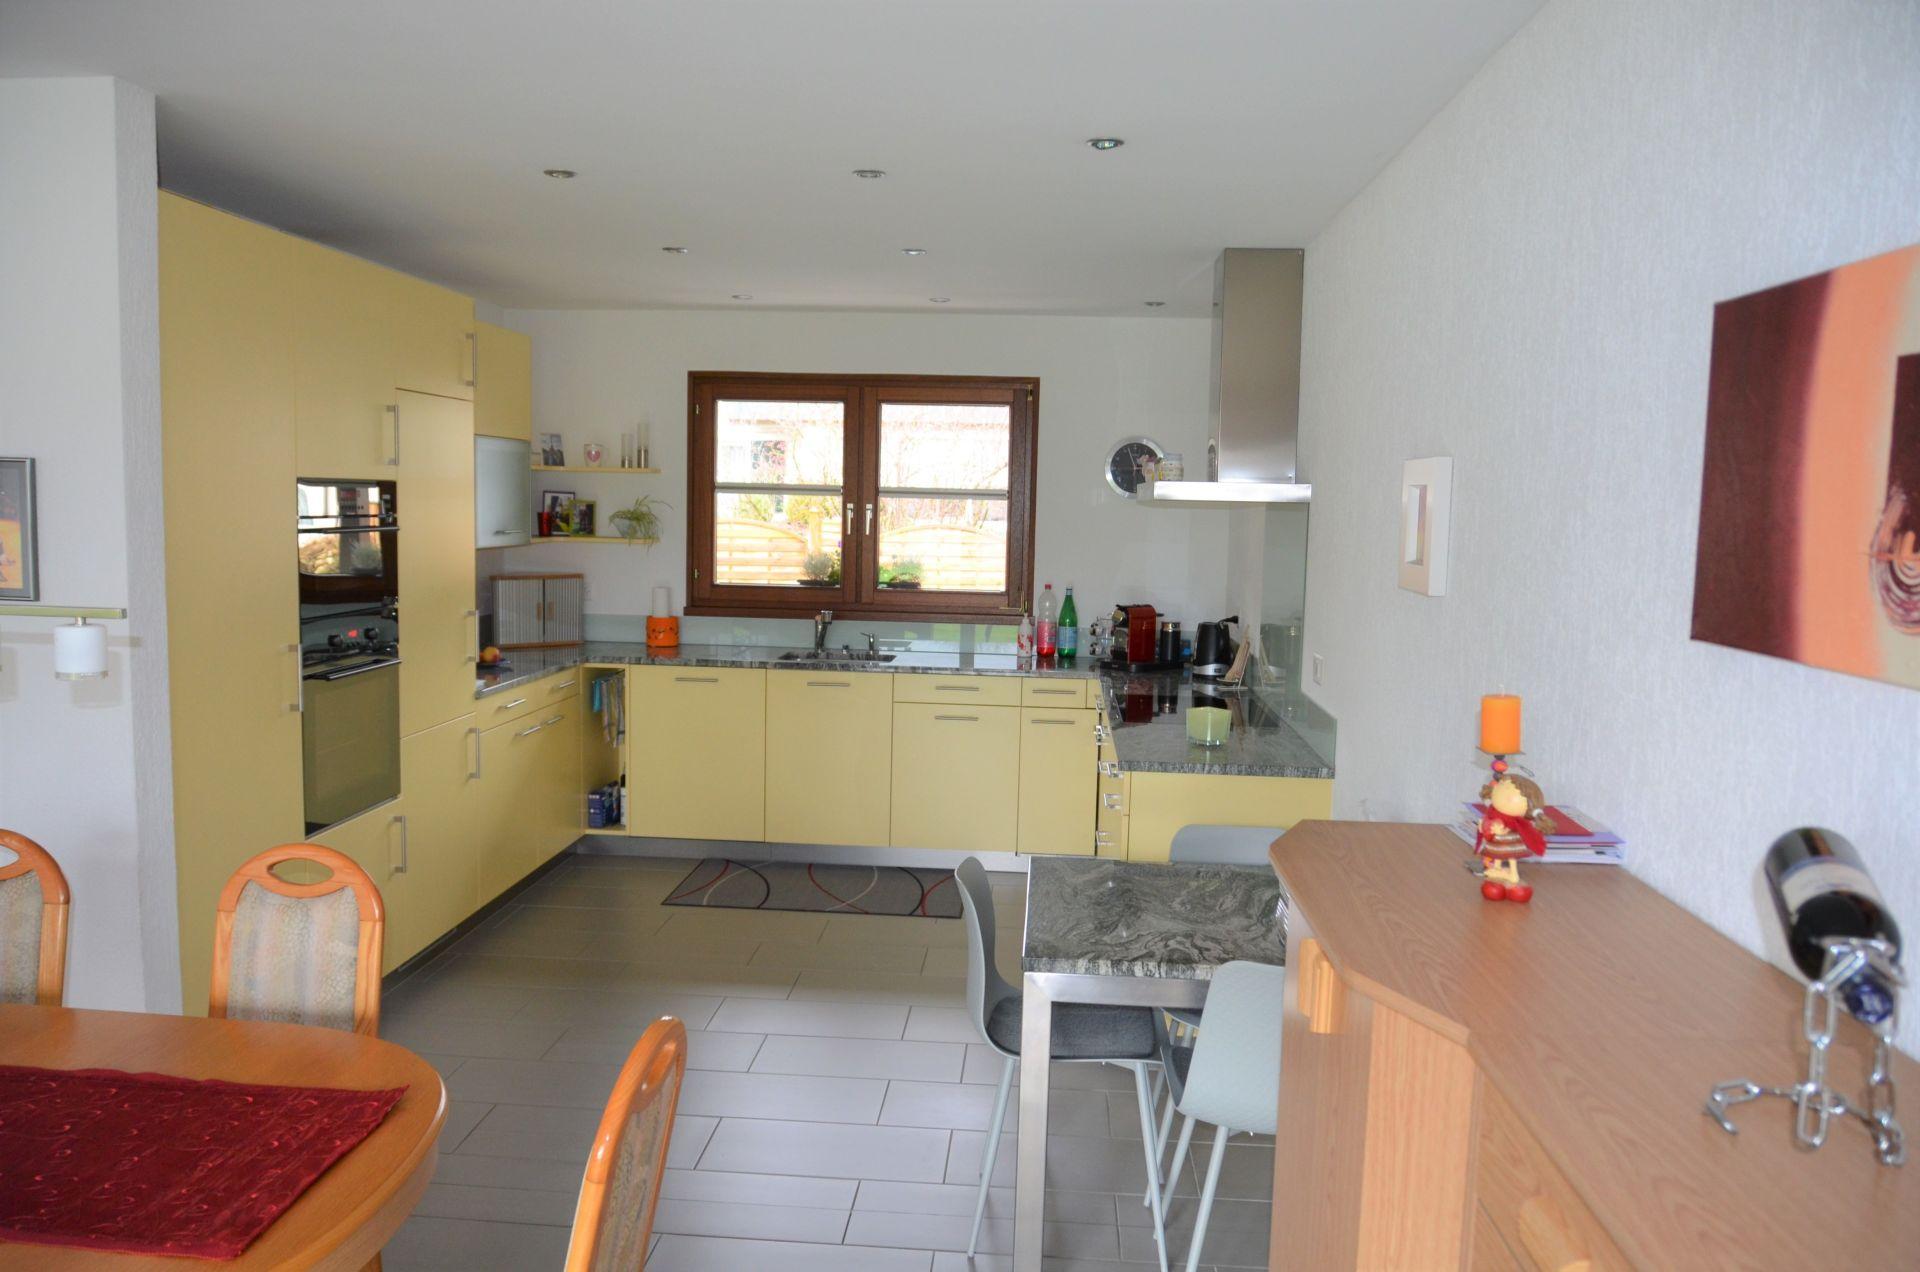 offene neue Wohnküche